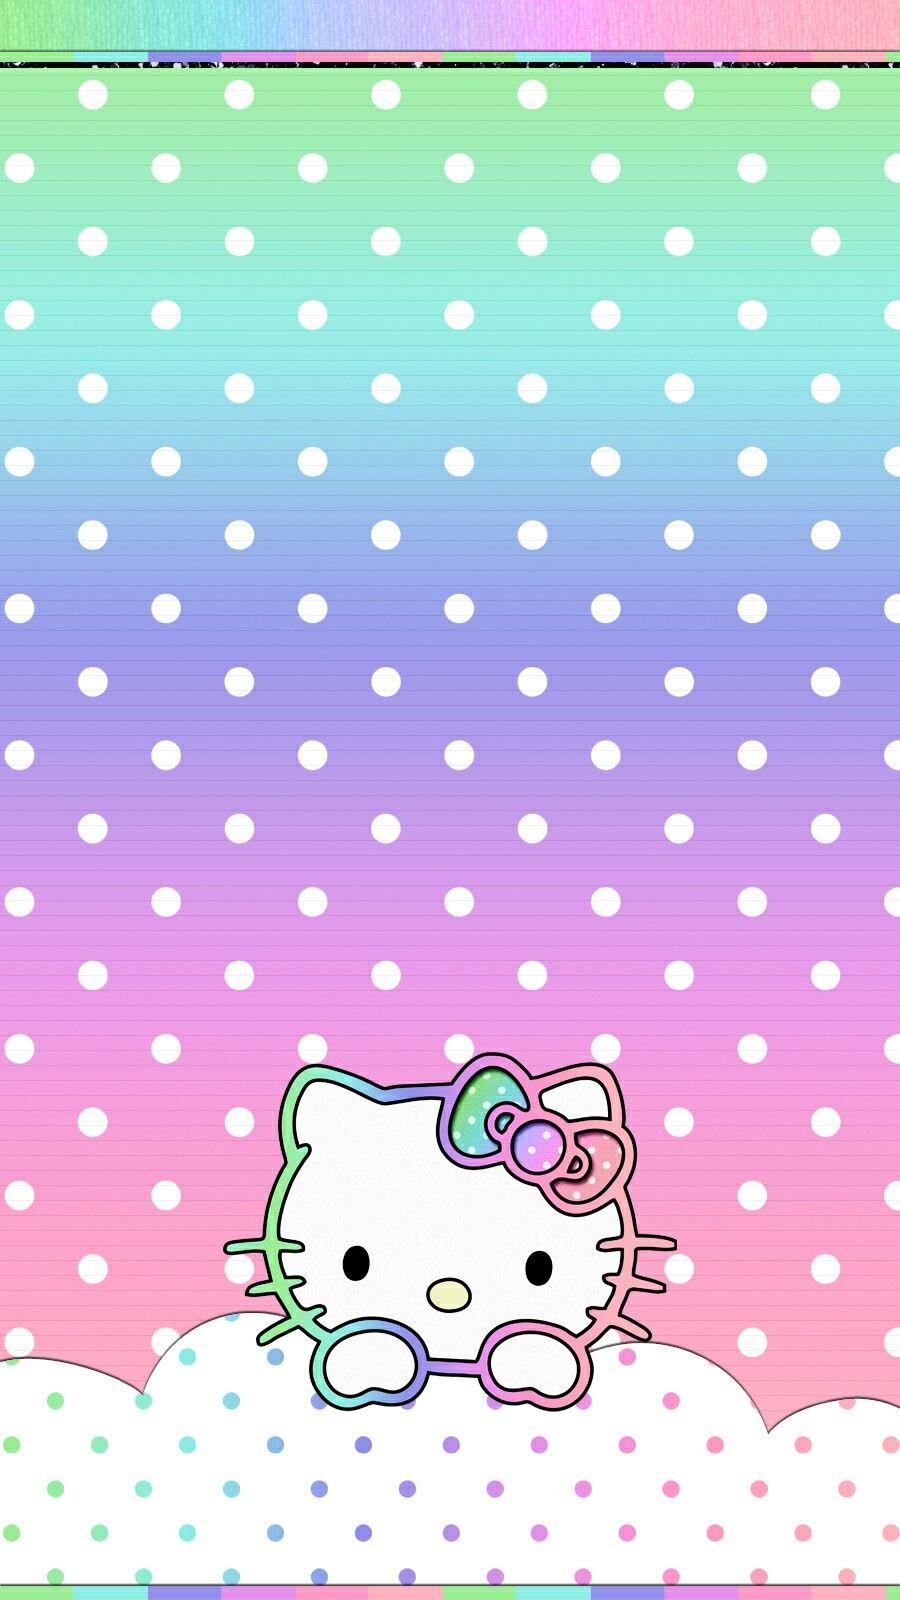 Rainbow Hk Wallpaper Iphone Hello Kitty Iphone Wallpaper Hello Kitty Wallpaper Hd Hello Kitty Pictures